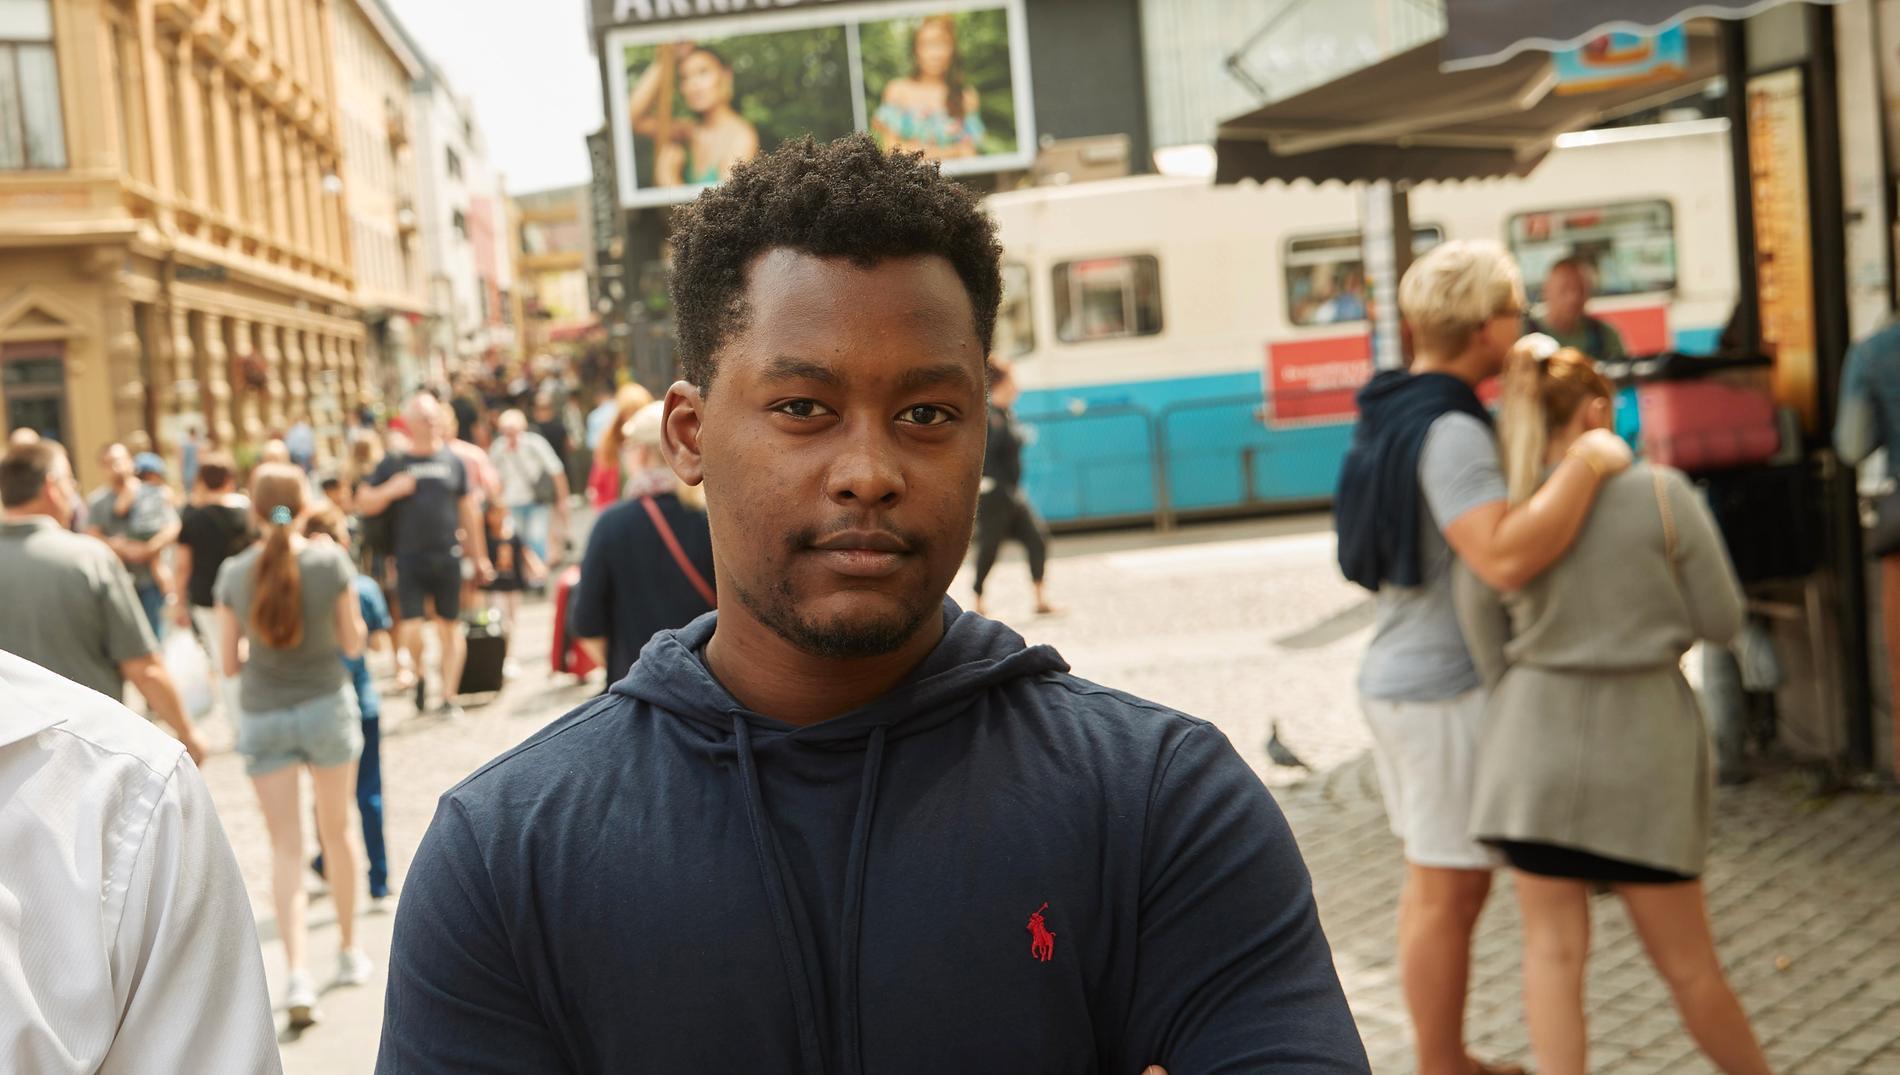 Michael Ngibuini, 20.